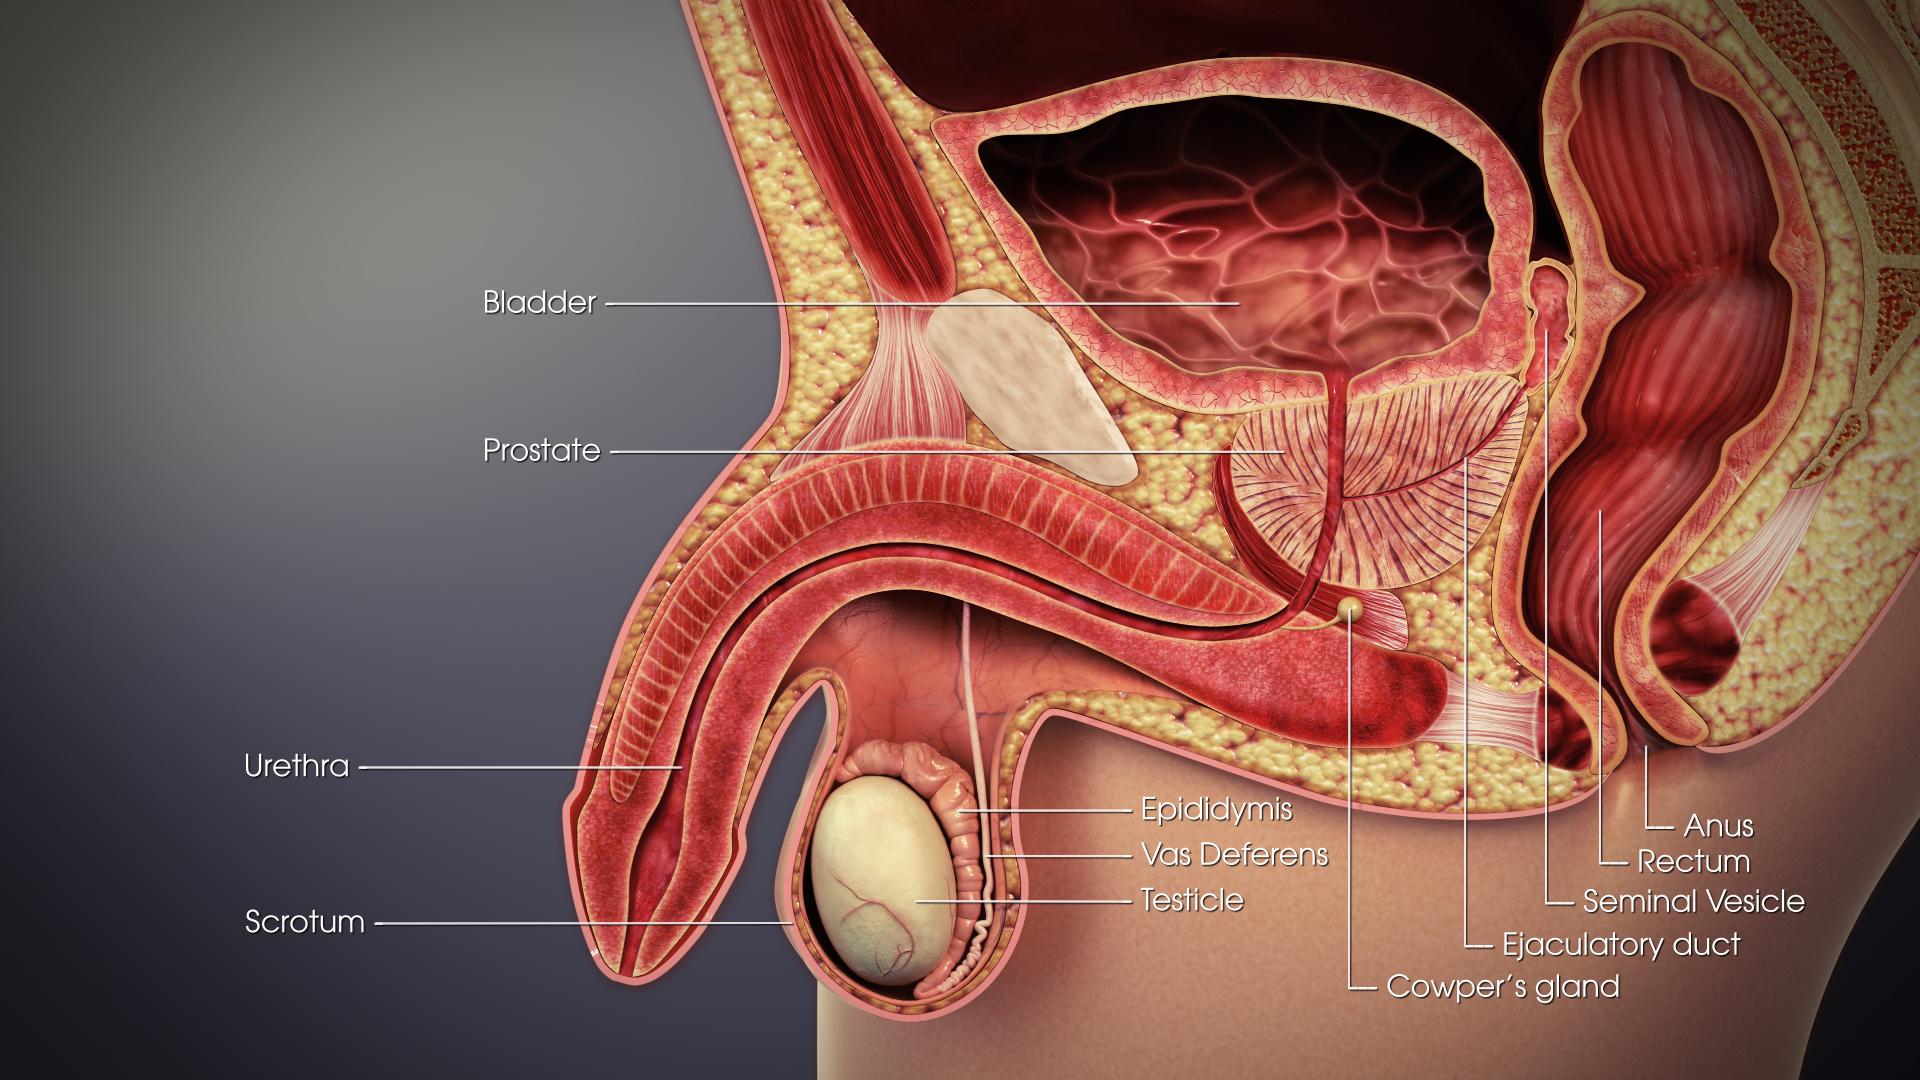 prostata wikipedia Androgének és krónikus prosztatitis